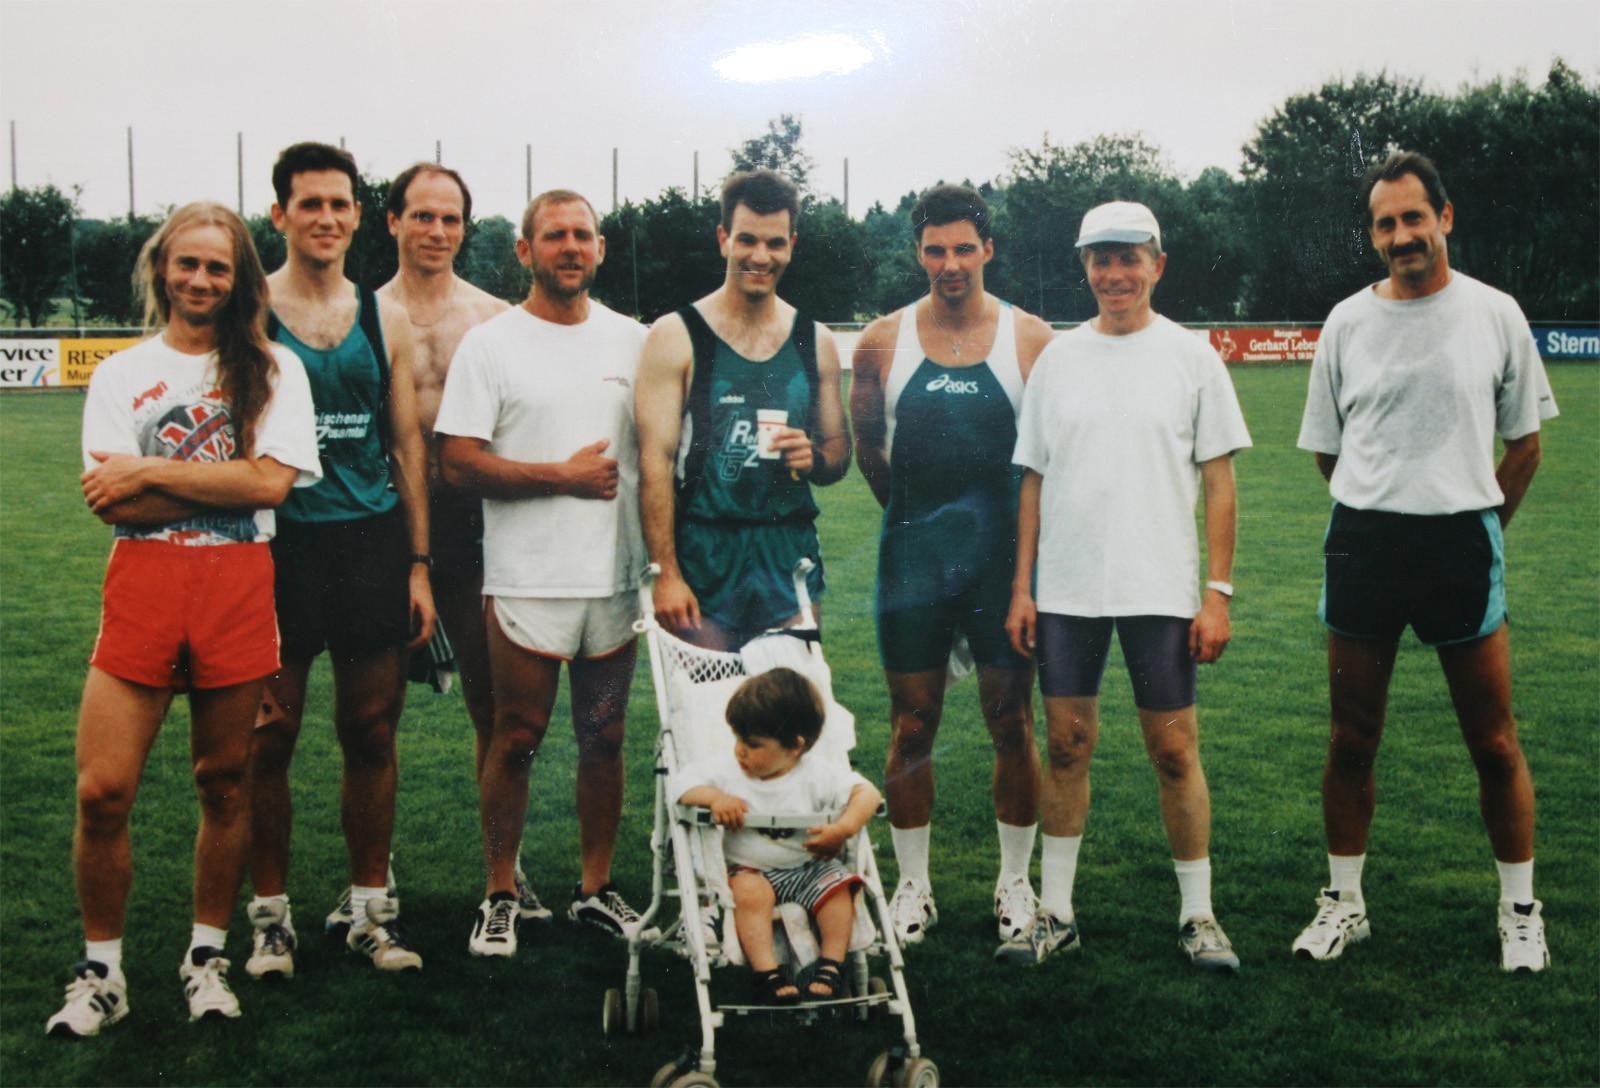 LKL Mindelzell mit Jhonny Fischer, Karl Sendlinger, Benrhard Saumweber, Bernhard Schaller, Reiner Hintschich, Alois Kaiser